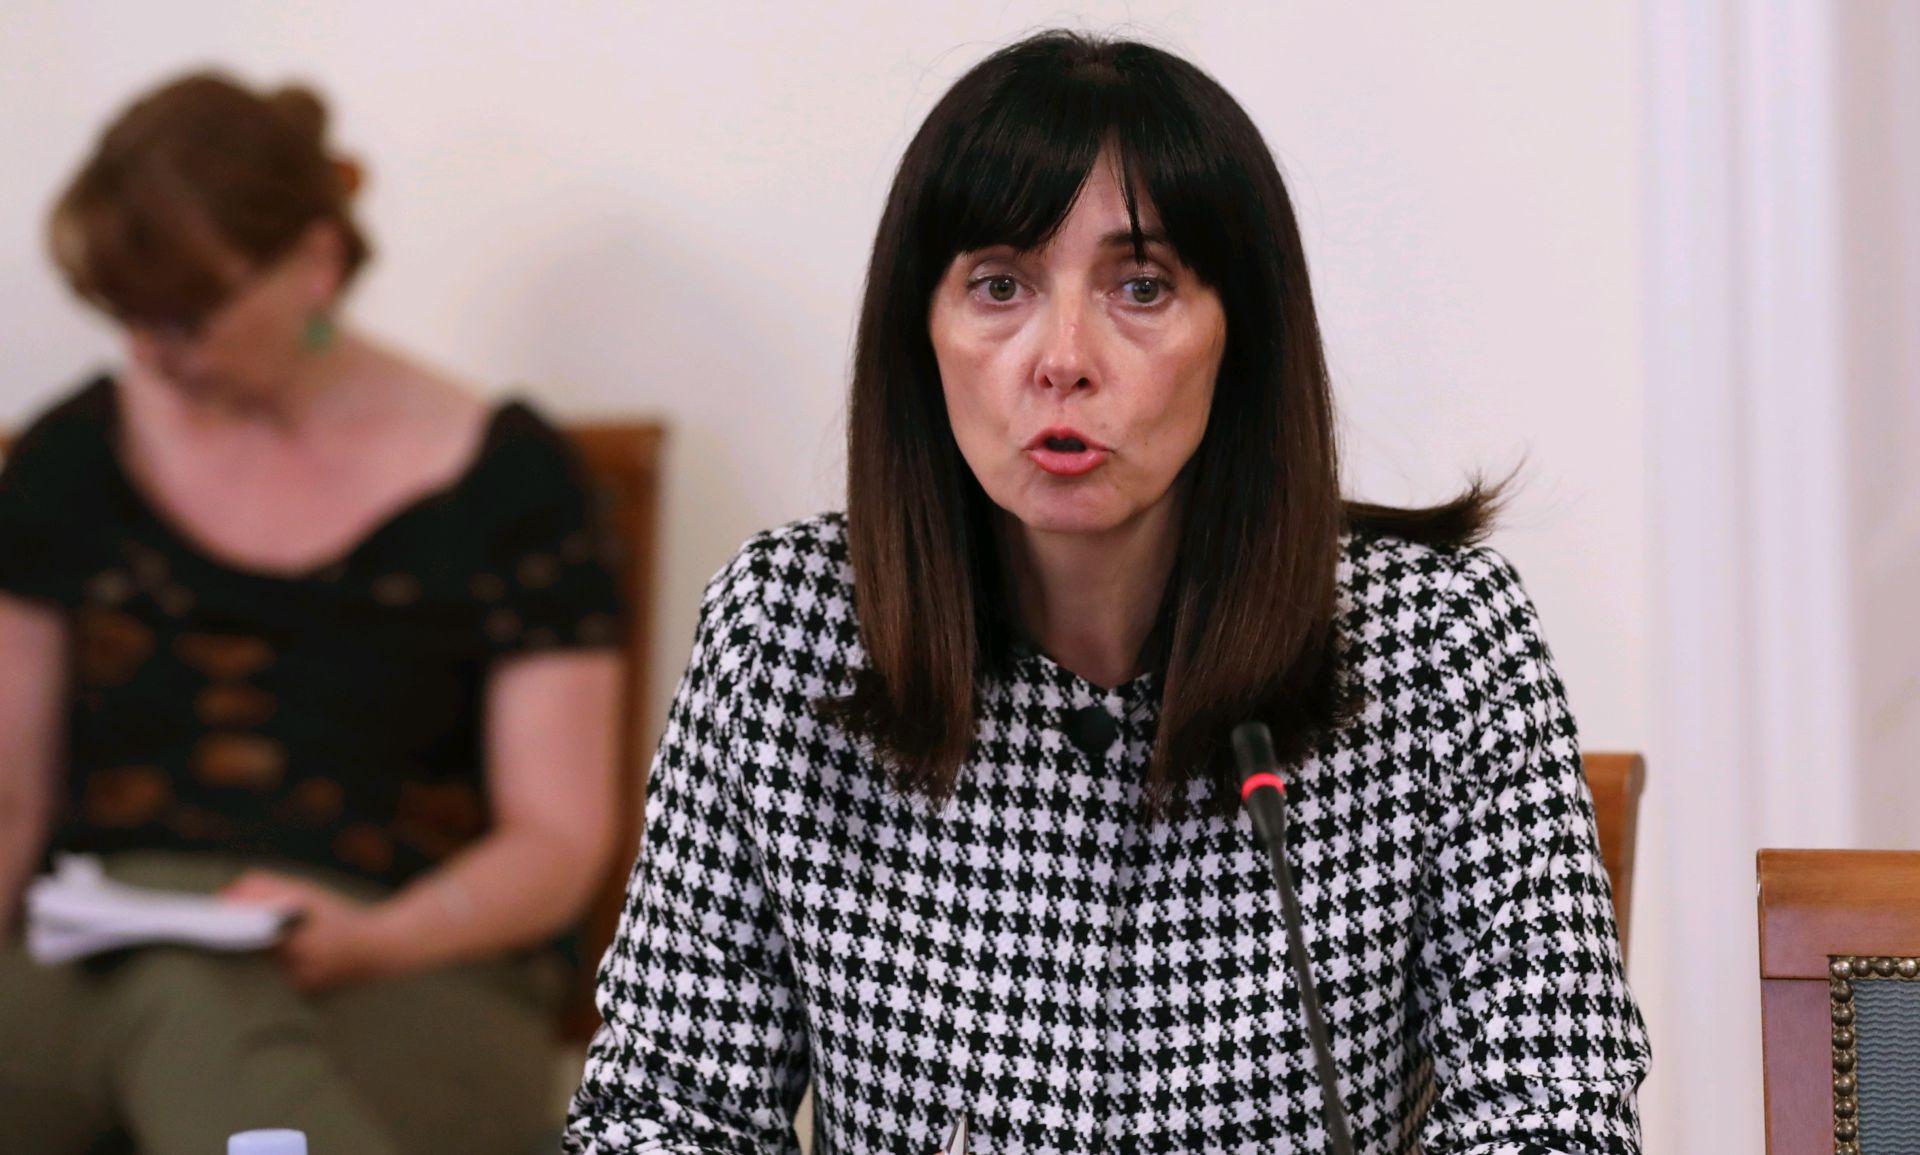 Pavo Barišić predao Ministarstvo obrazovanja i znanosti Blaženki Divjak